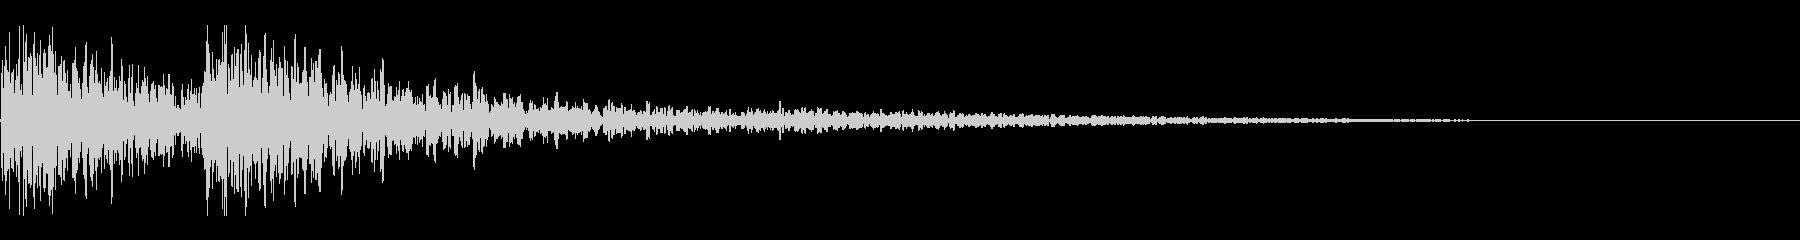 和太鼓 ドンドン01の未再生の波形